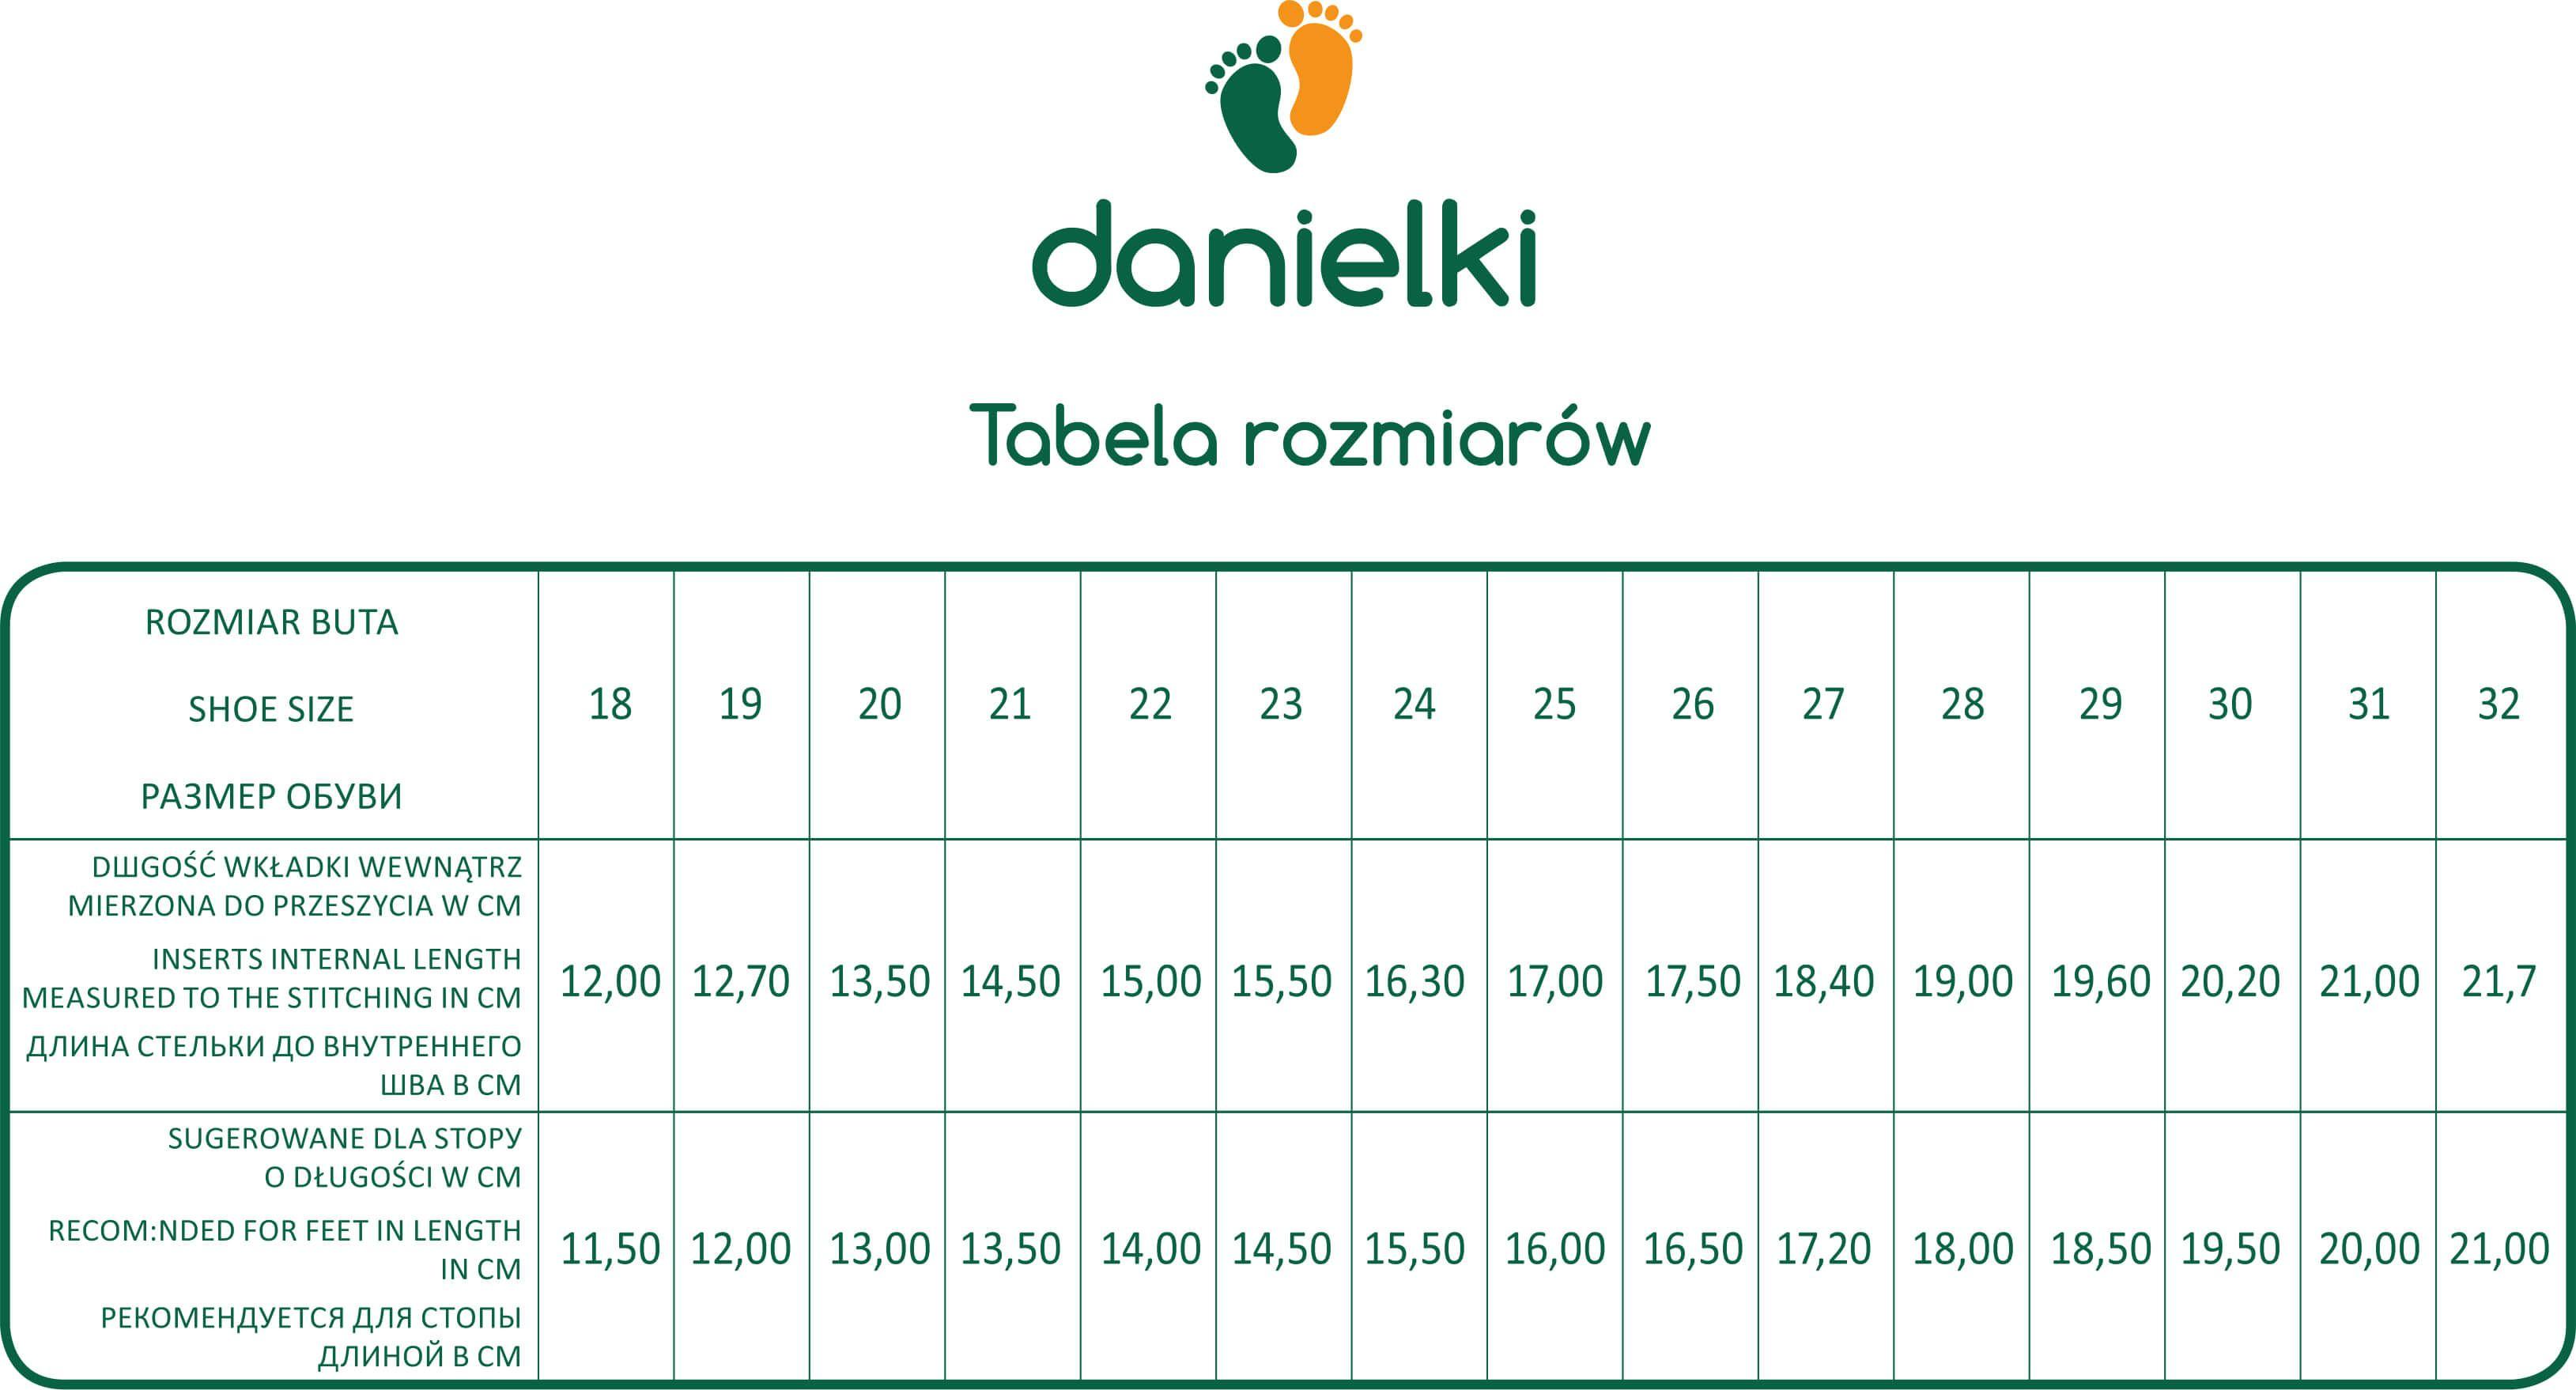 Kapcie Chlopiece Danielki Buty Profilaktyczne S104 S114 Jeans Bbn Periodic Table